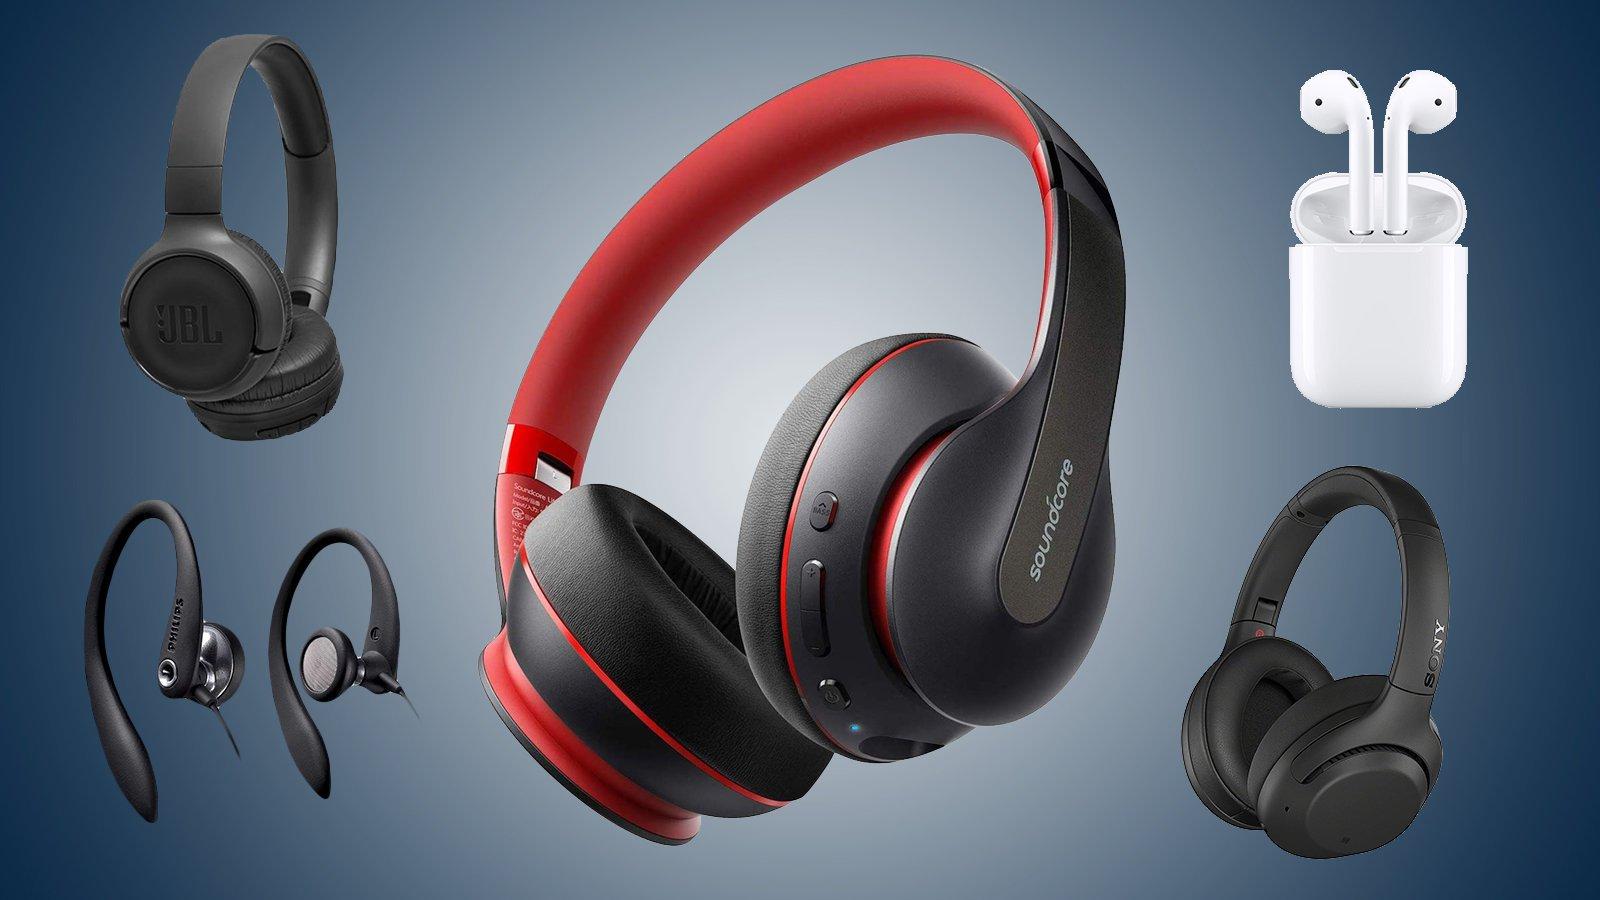 Fones de ouvido na black friday: ofertas de earbuds e headphones sem fio para você. Prefere ouvir músicas ou podcasts enquanto faz suas atividades do dia-a-dia? Em qualquer cenário, temos aqui os fones de ouvido na black friday para o seu perfil